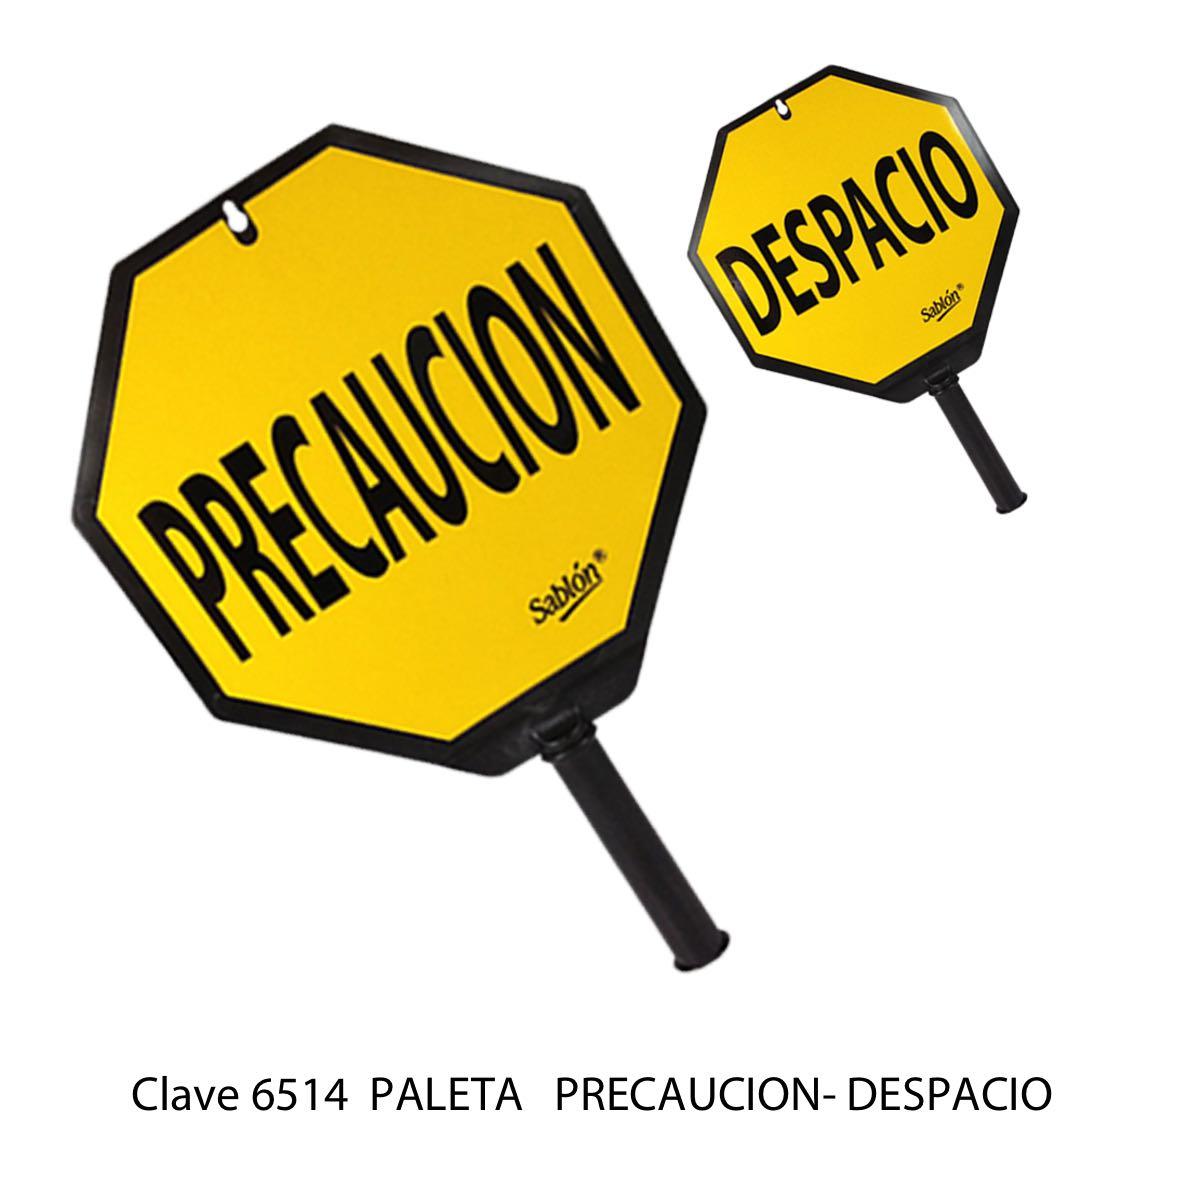 Paleta Precaución - Despacio Modelo 6514 - Sablón